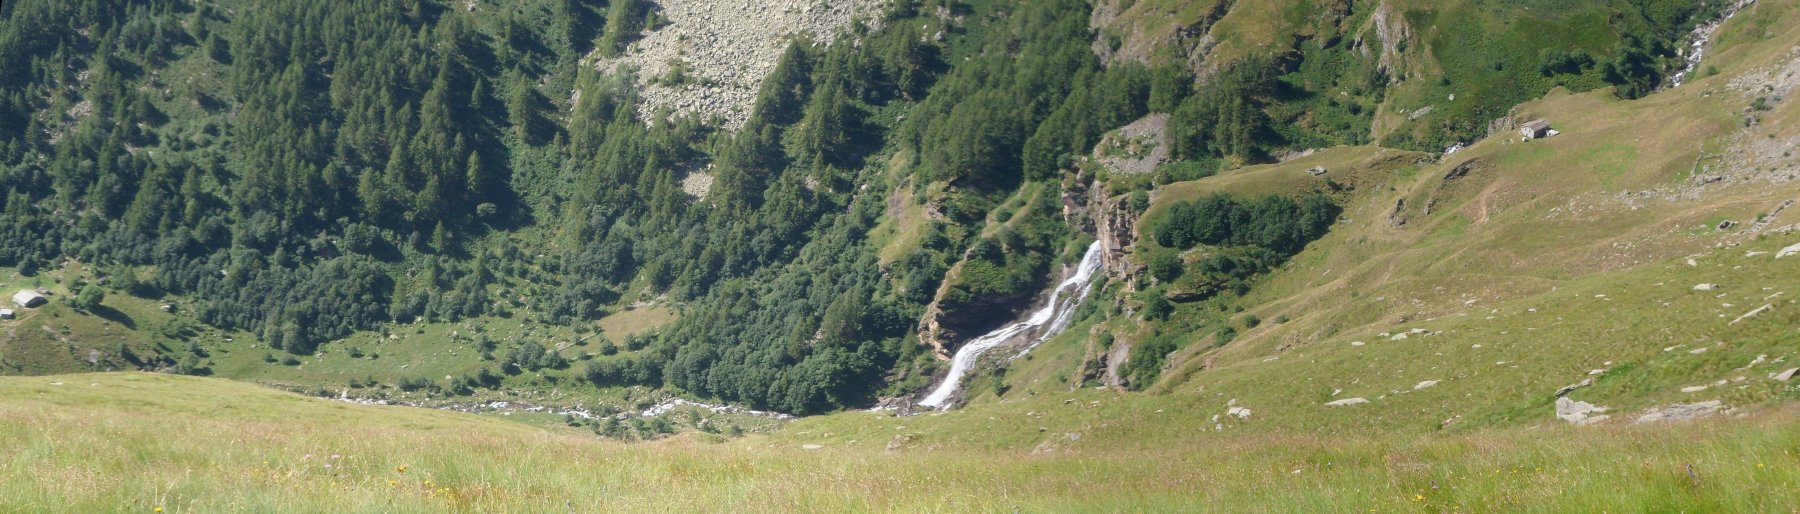 Borgo Vecchio e Alpe Roc dal sentero 550